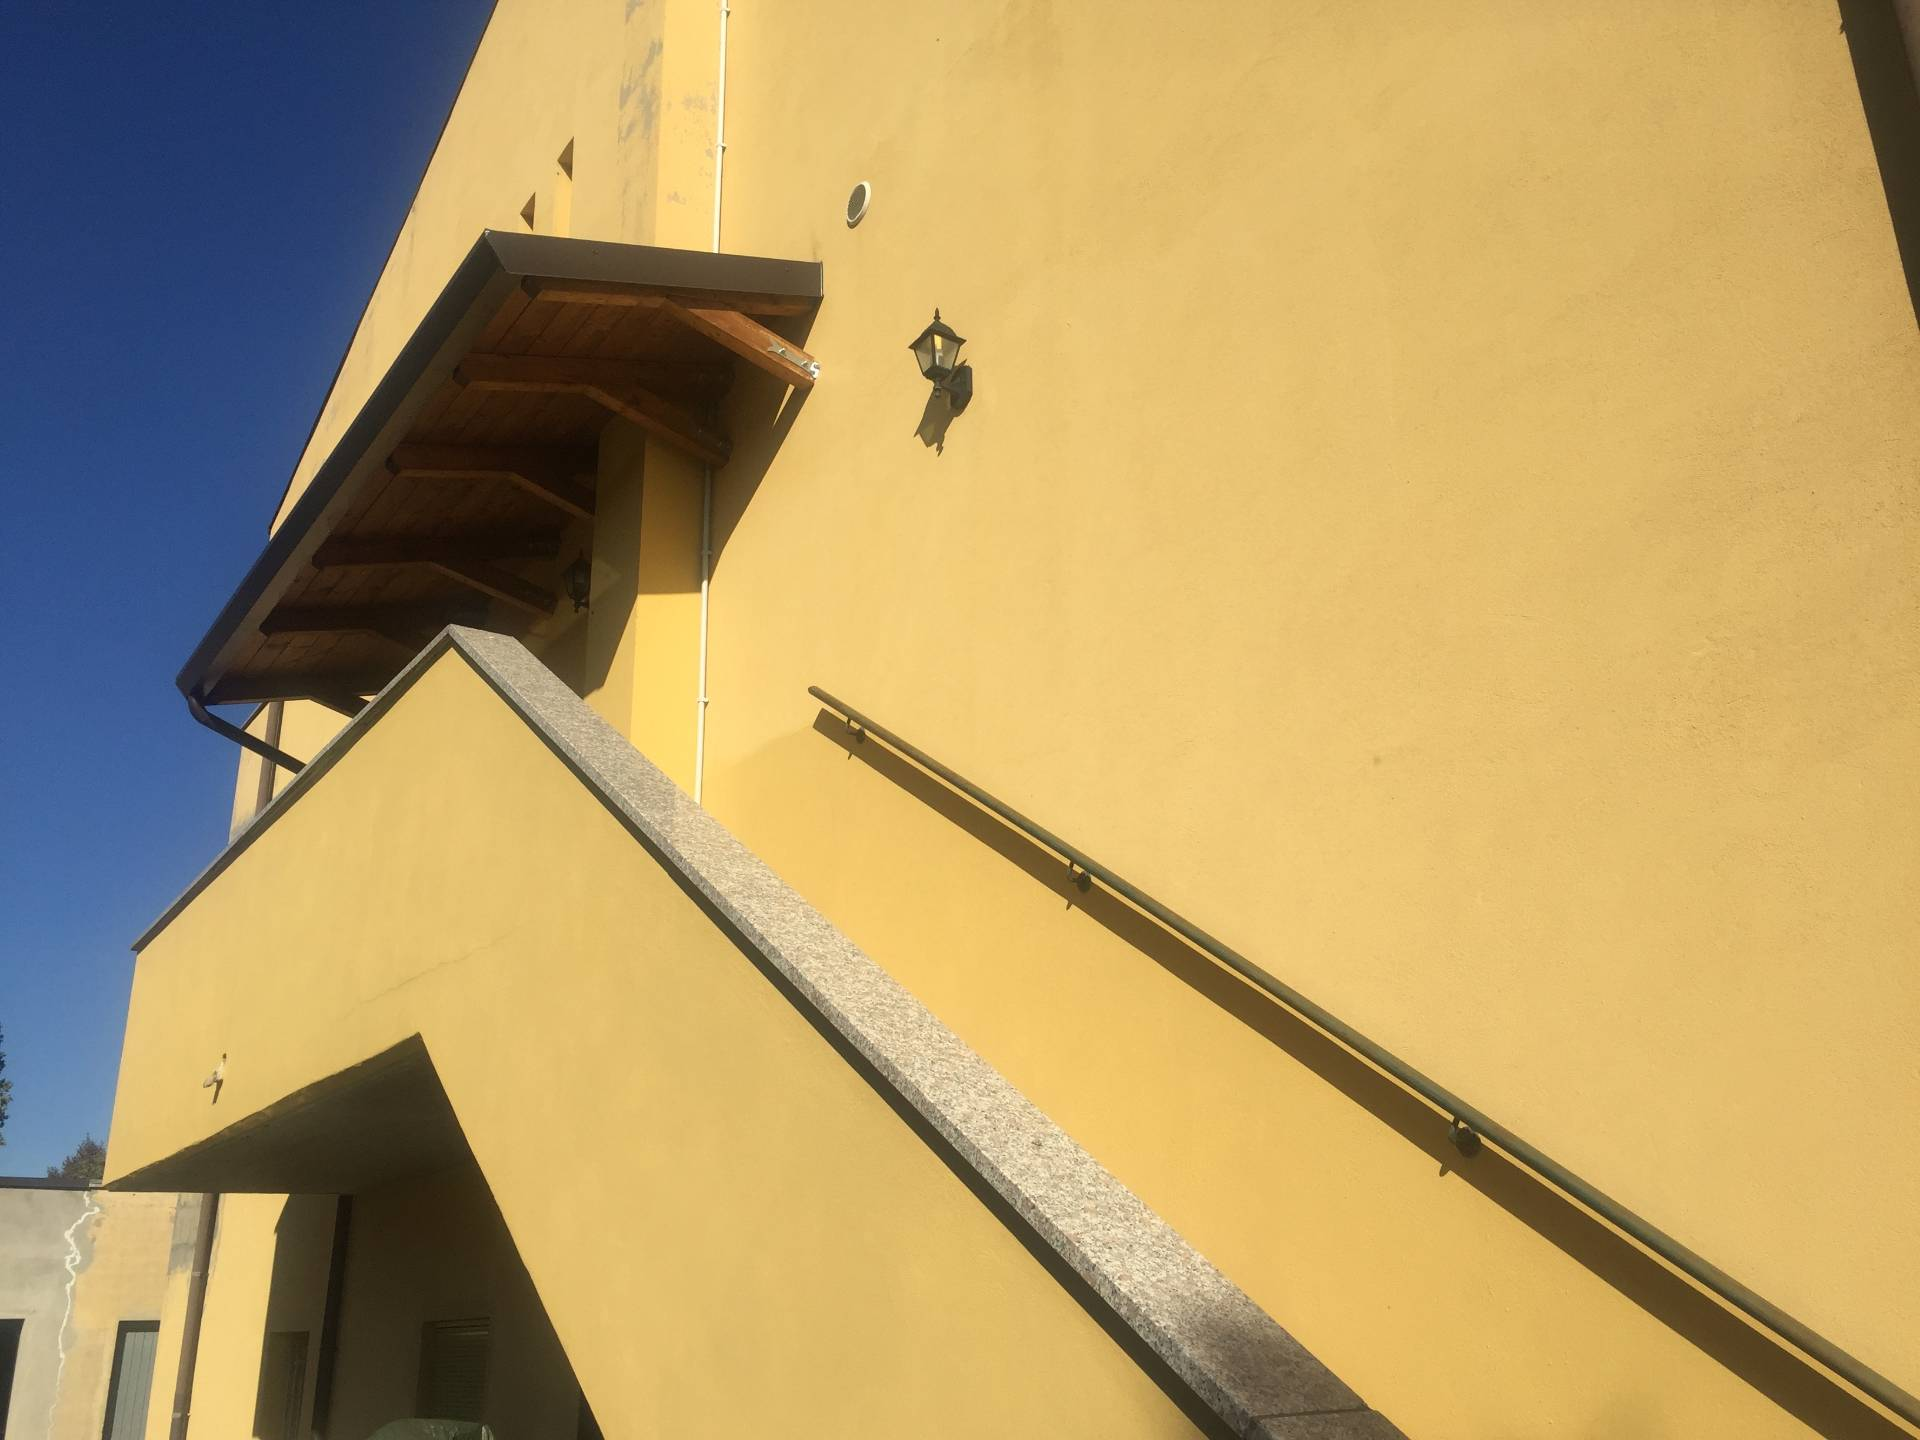 Appartamento in vendita a Tresigallo, 3 locali, prezzo € 60.000 | CambioCasa.it